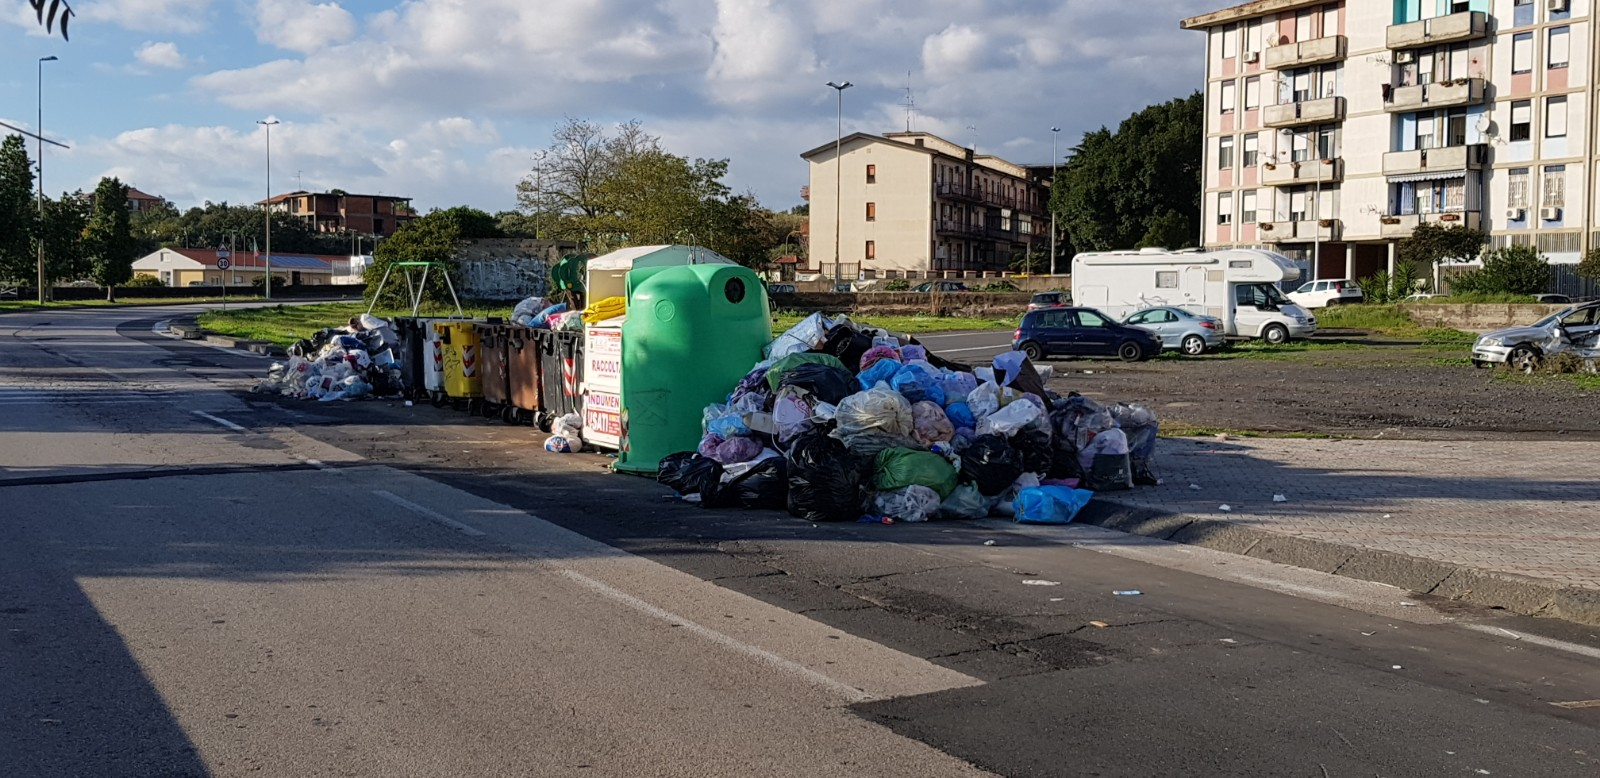 """Catania, emergenza rifiuti: a San Giovanni Galermo montagne di spazzatura in strada. Zingale: """"Mettere porta a porta"""""""